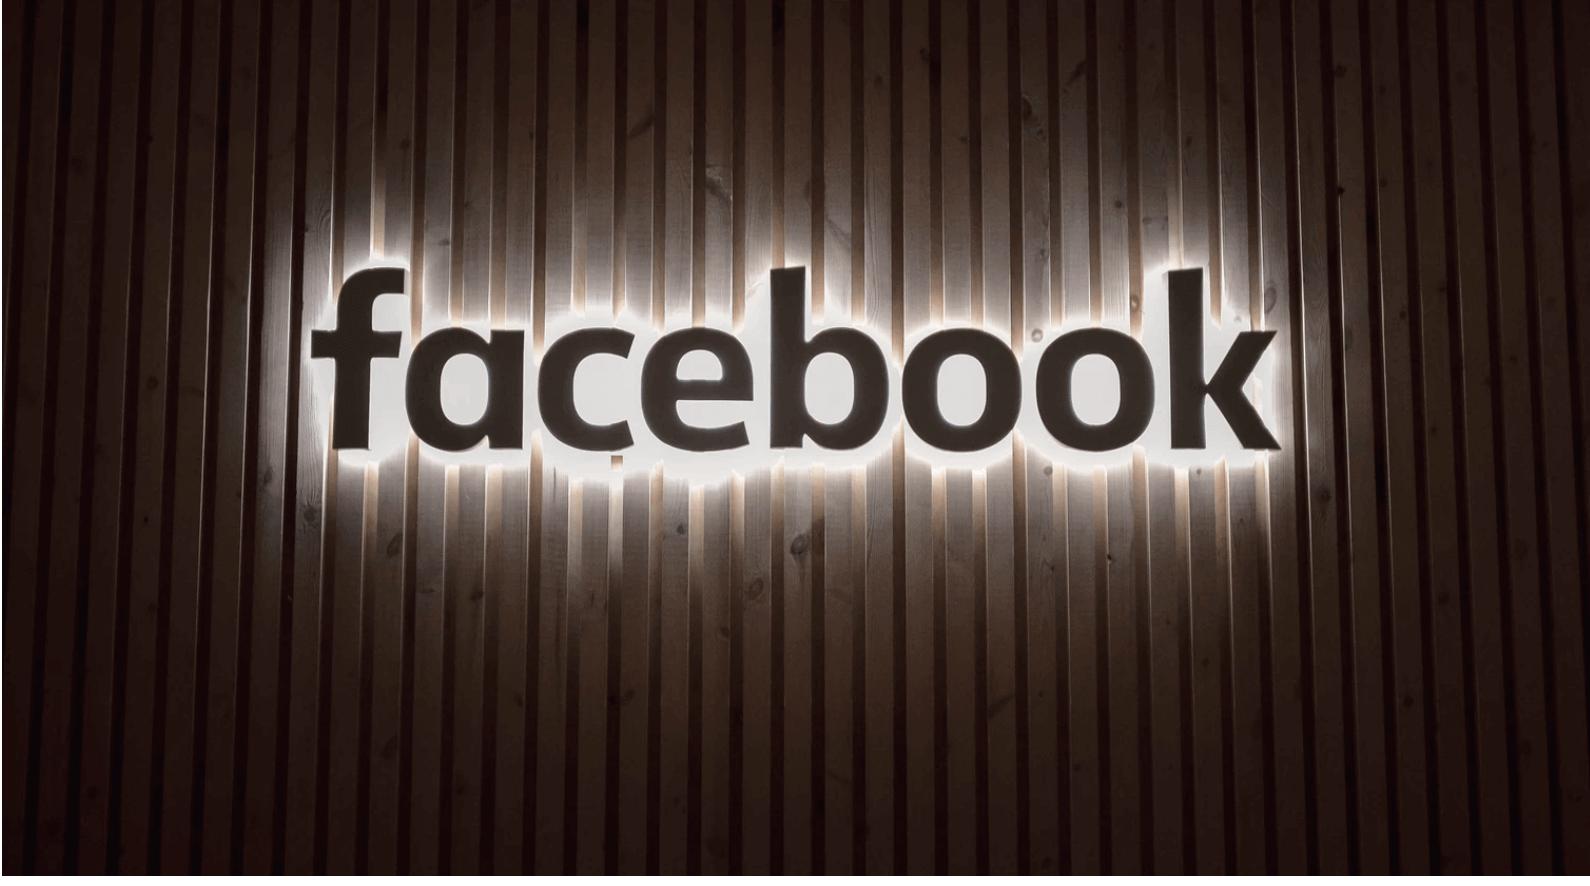 Facebook-3-mrd-nutzer